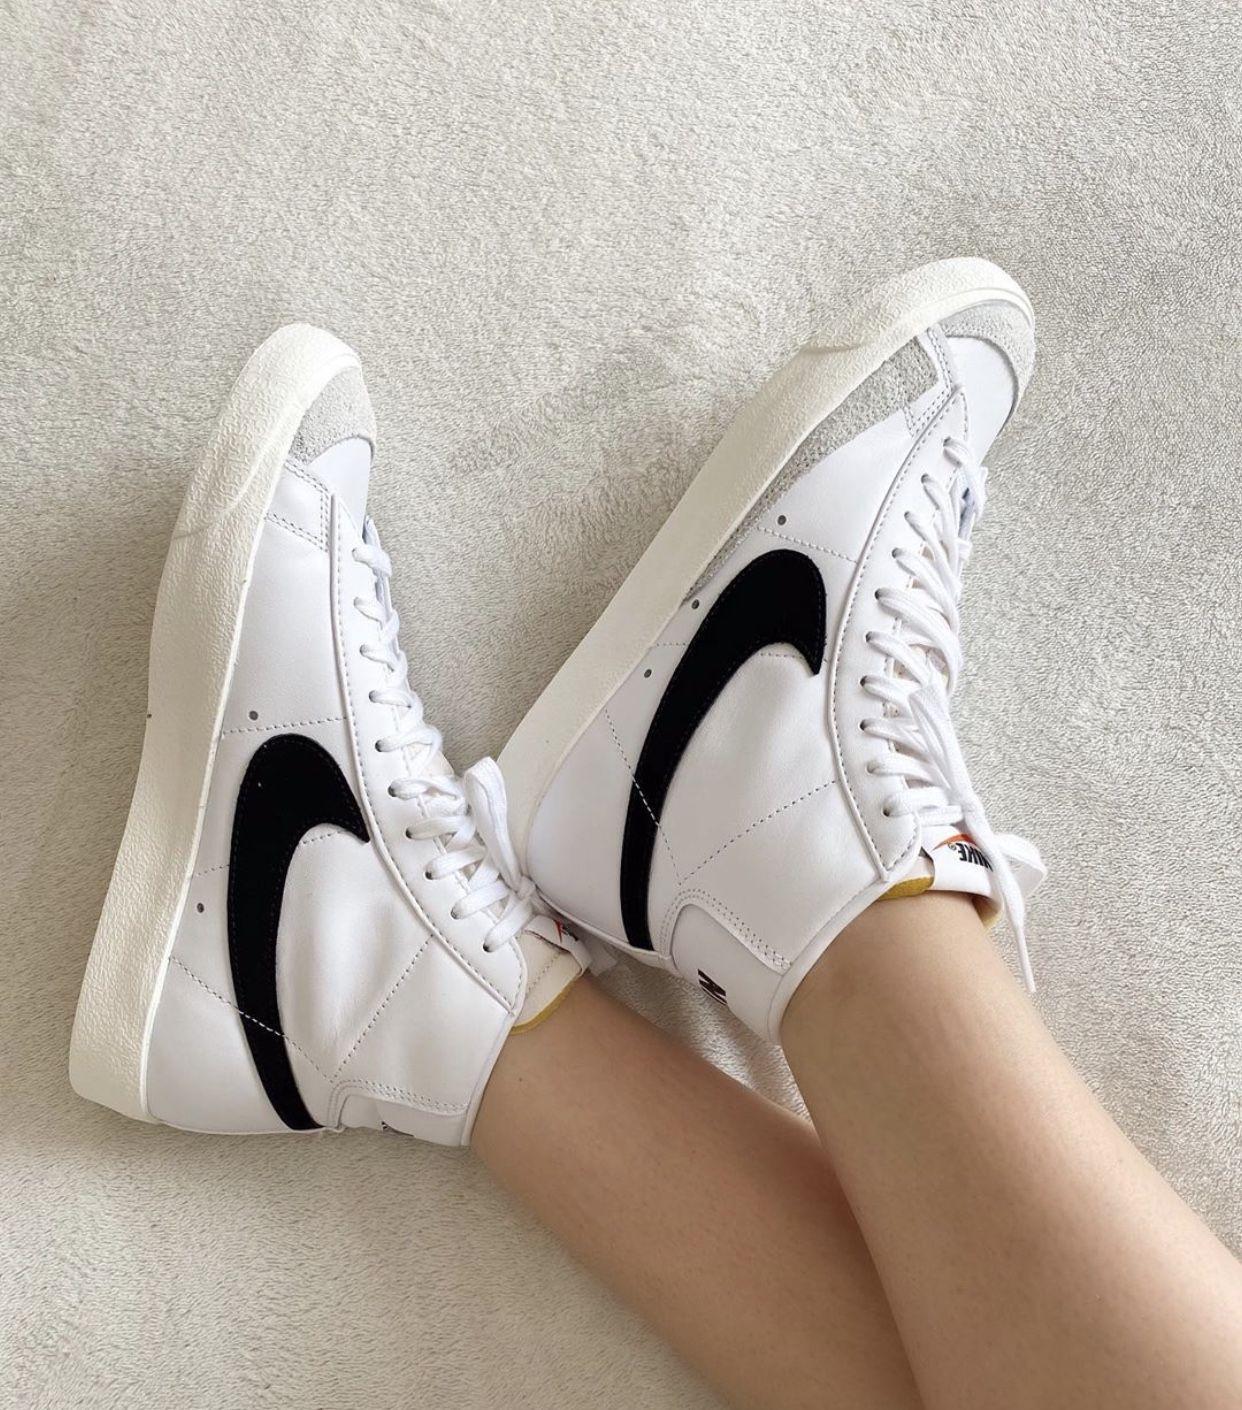 Margarita Cuervo Memorizar  Nike blazer mid en 2020 | Zapatos nike mujer, Zapatos adidas hombre,  Modelos de zapatos nike